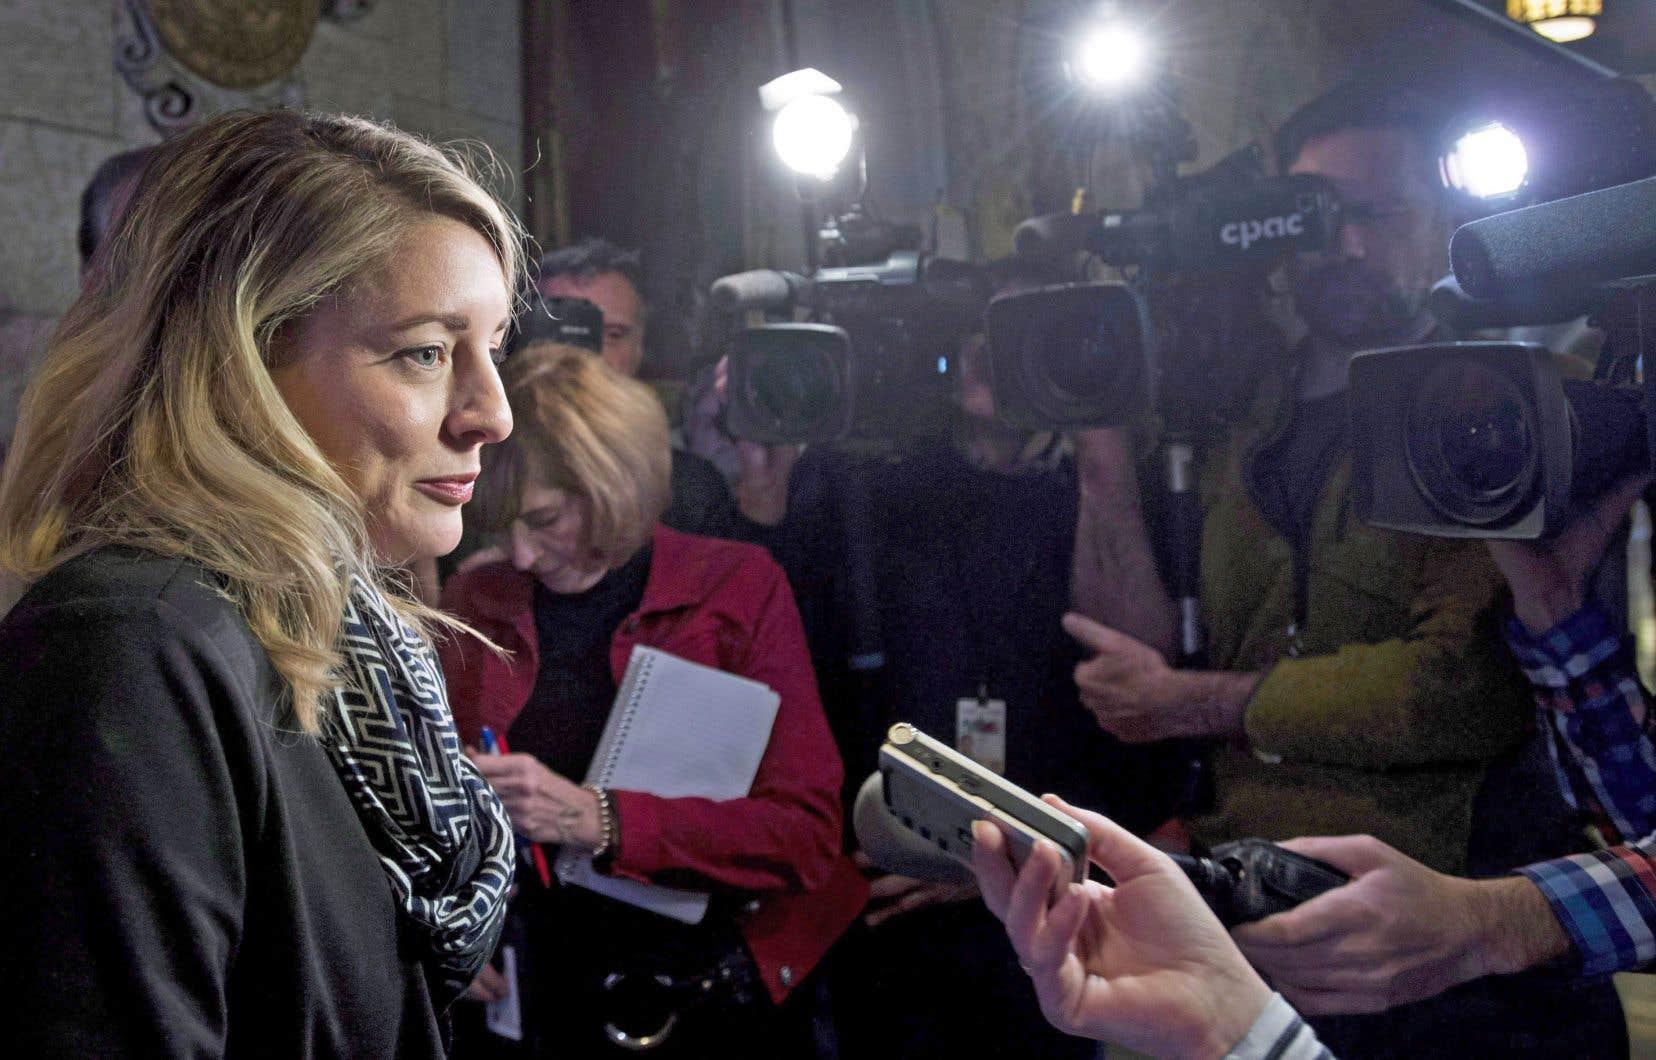 Les gouvernements font preuve de laxisme sur la taxation des GAFA, dont les revenus pourraient servir à soutenir les médias, estime l'auteur. Sur la photo, la ministre du Patrimoine canadien, Mélanie Joly.